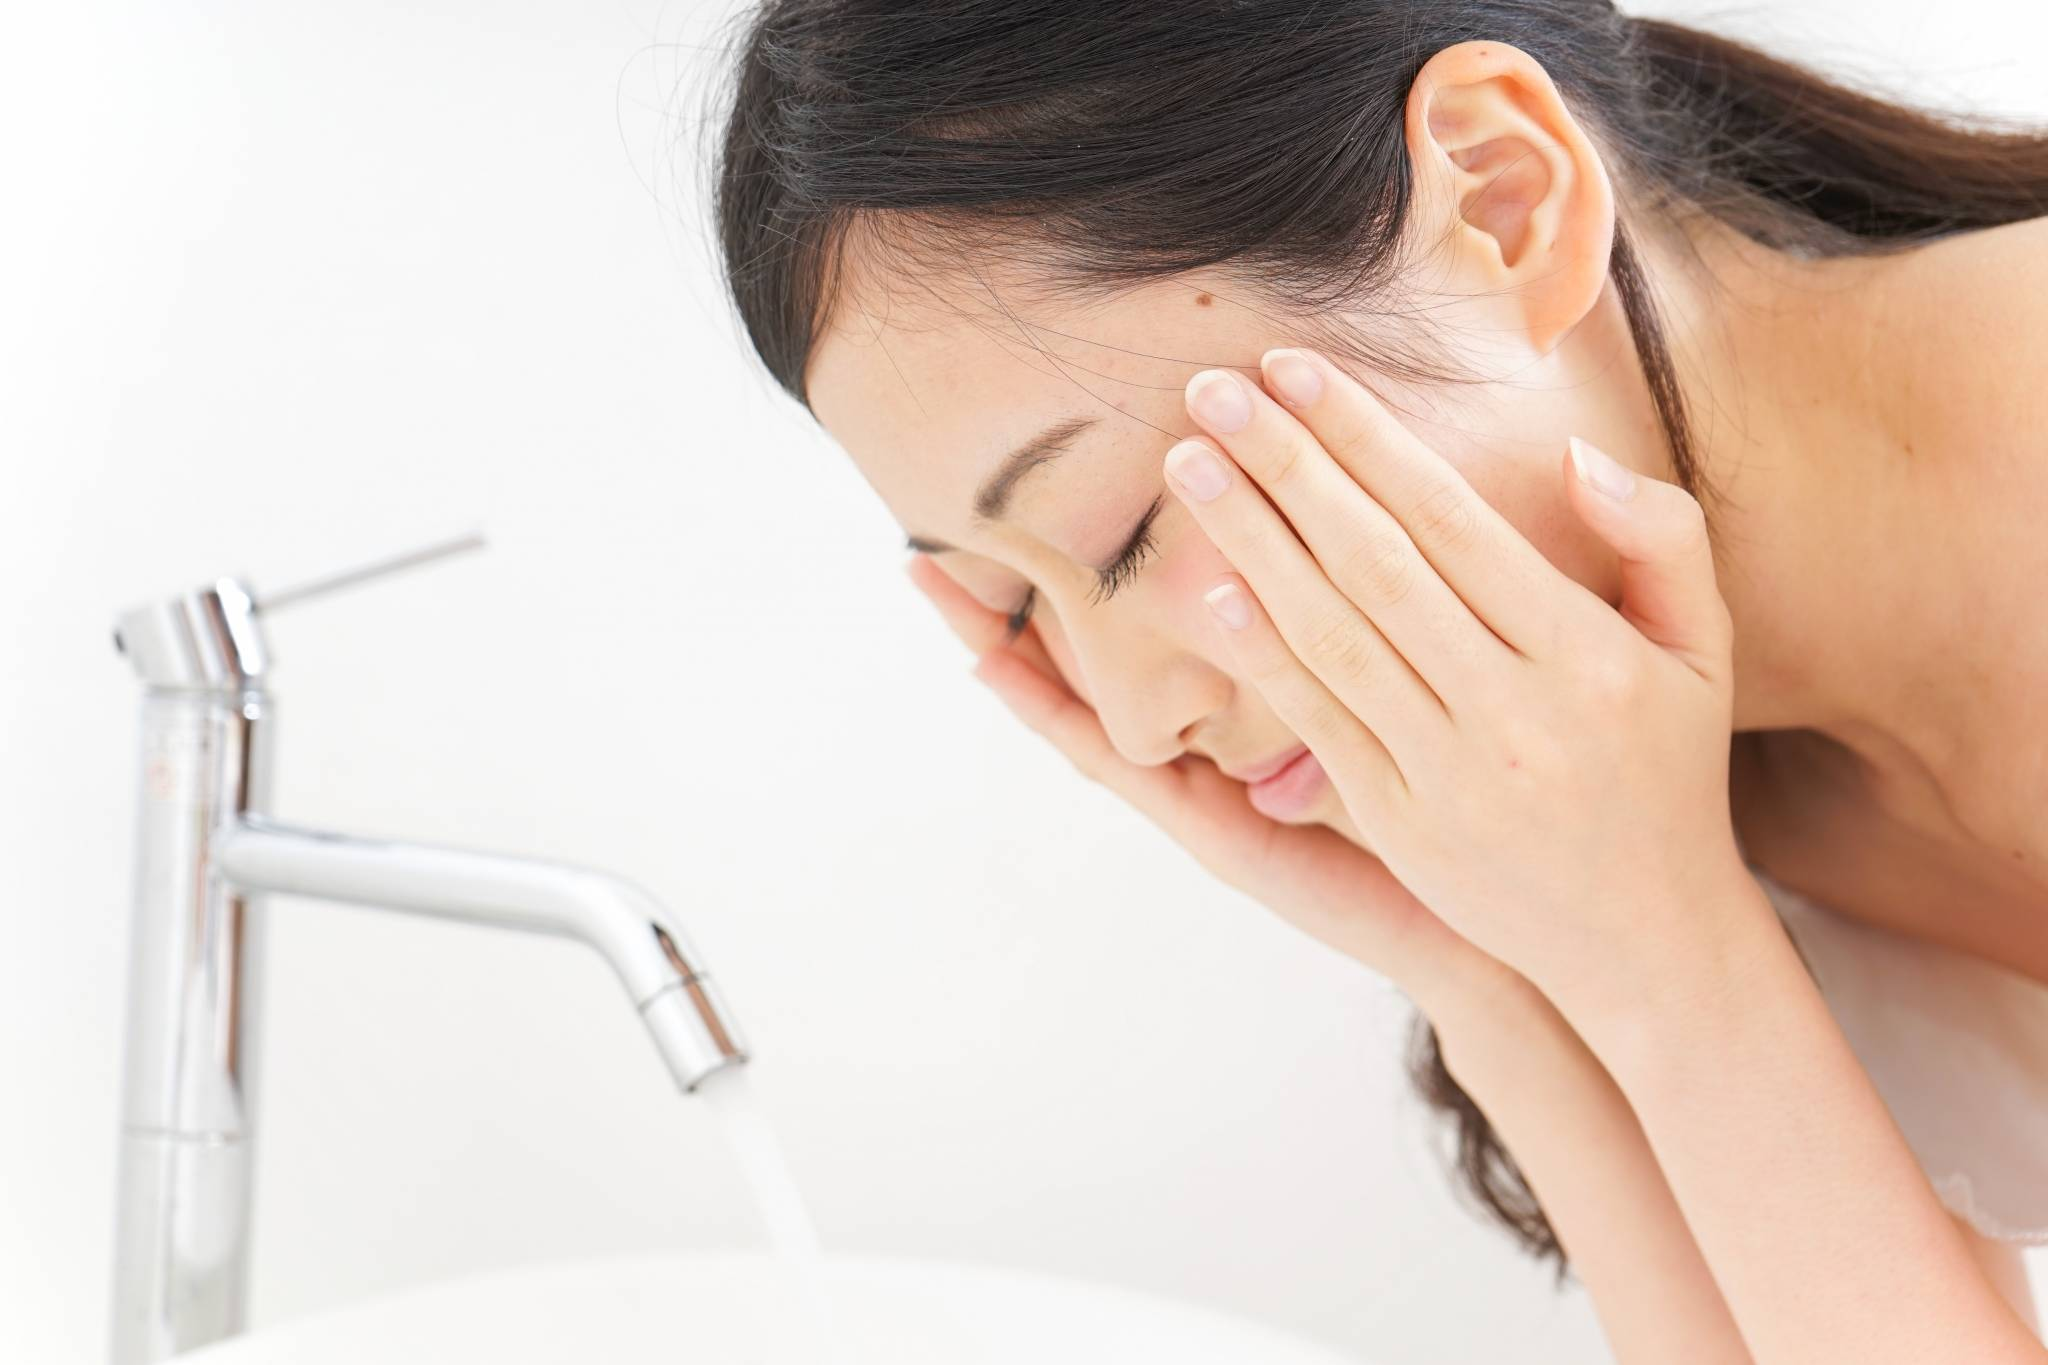 Azjatycki sekret piękna: japońskie oczyszczanie twarzy